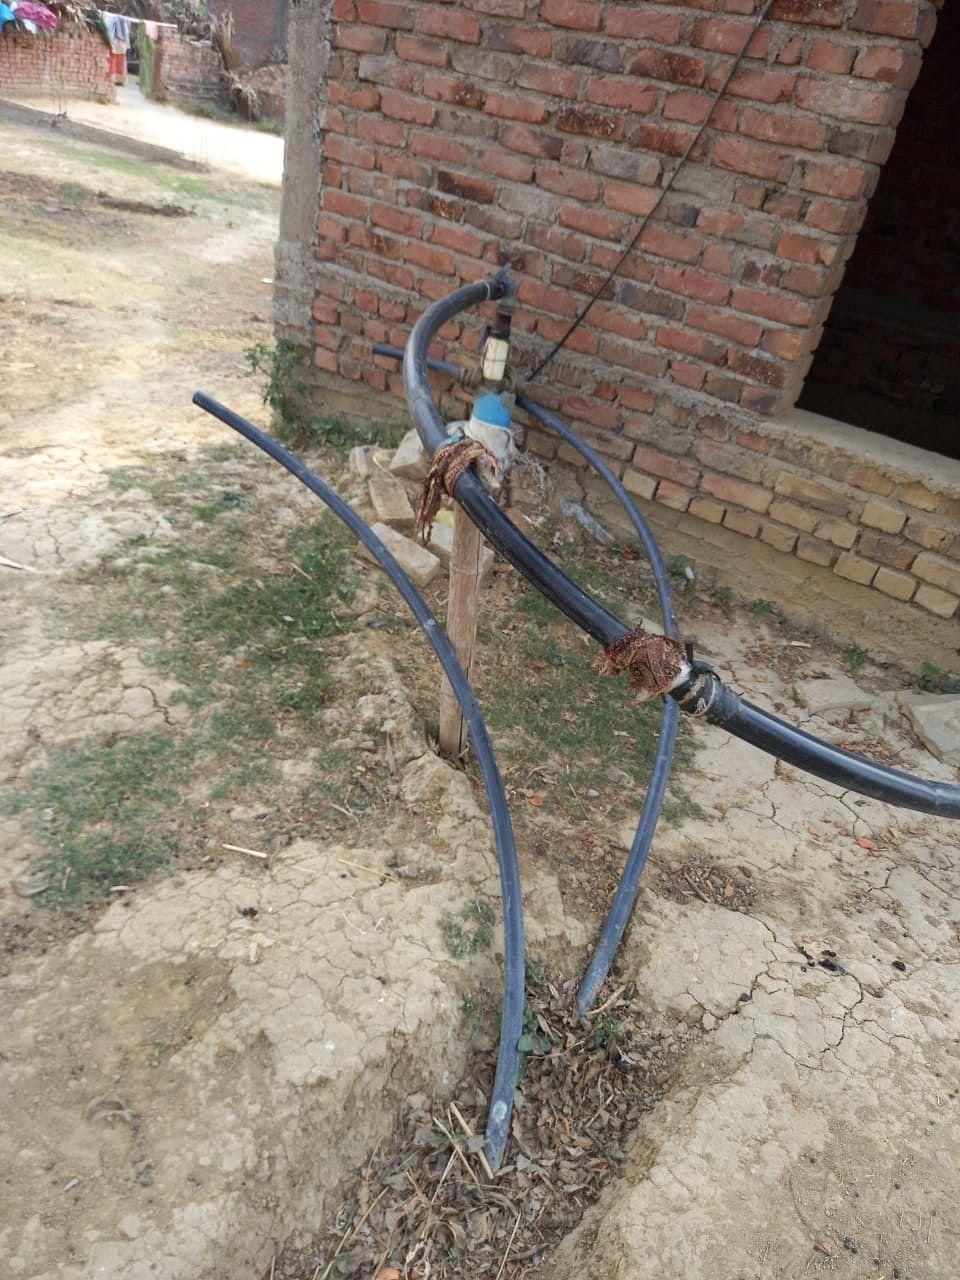 मुख्यमंत्री हर घर नल जल योजना की स्थिति बदहाल, निजी बोरिंग के सहारे ग्रामीणों की बुझ रही प्यास